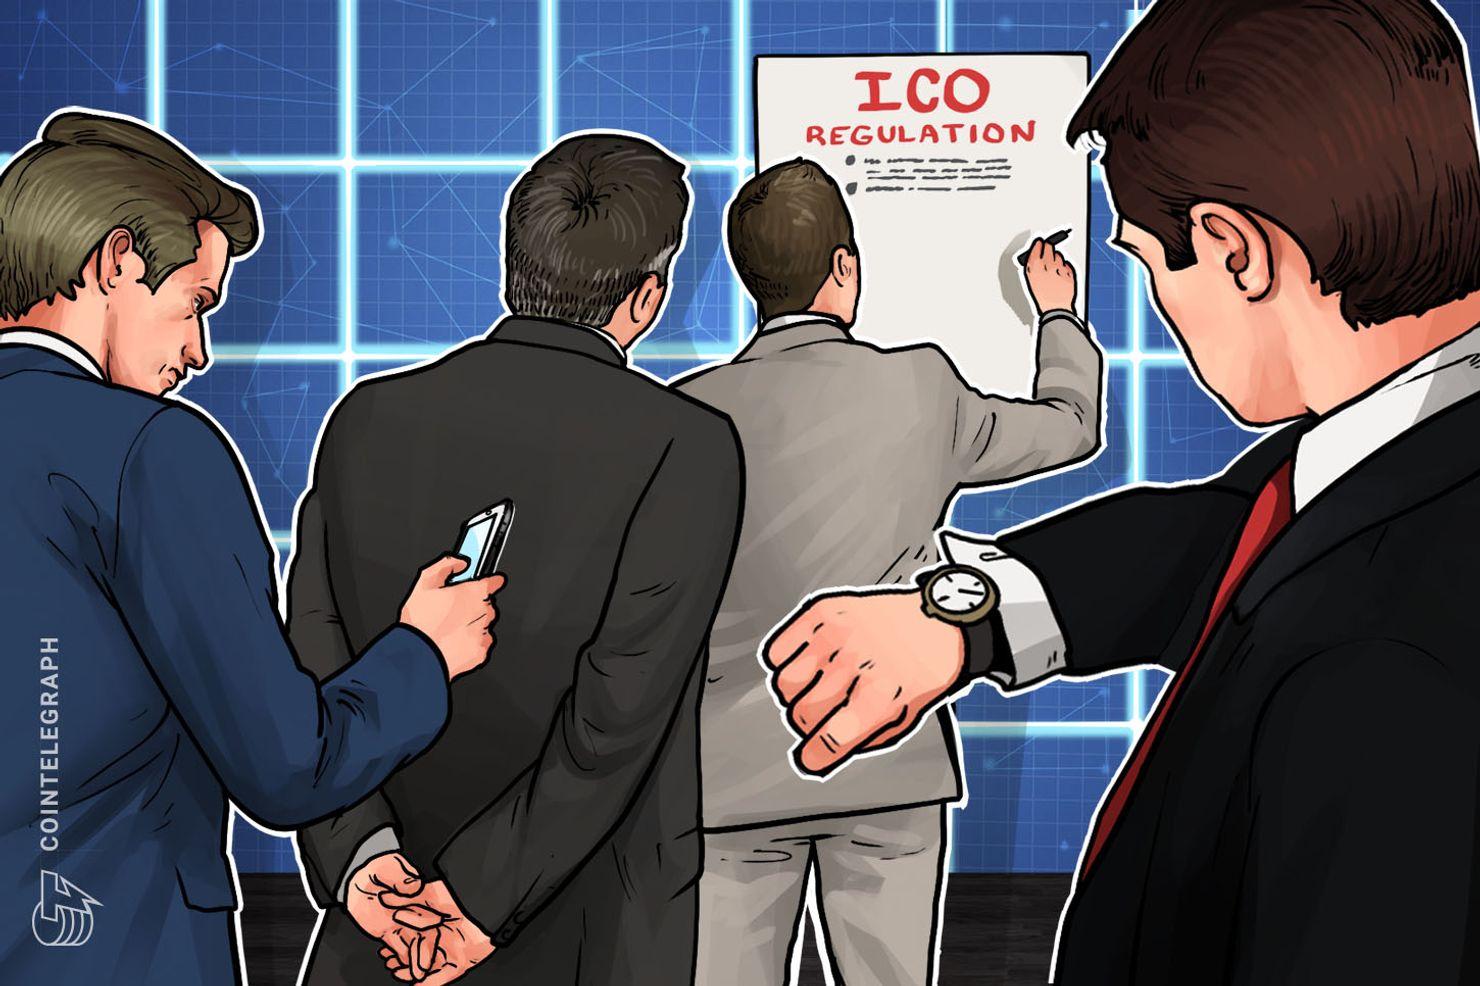 EU Markets Regulator Examines ICOs to Determine Regulations